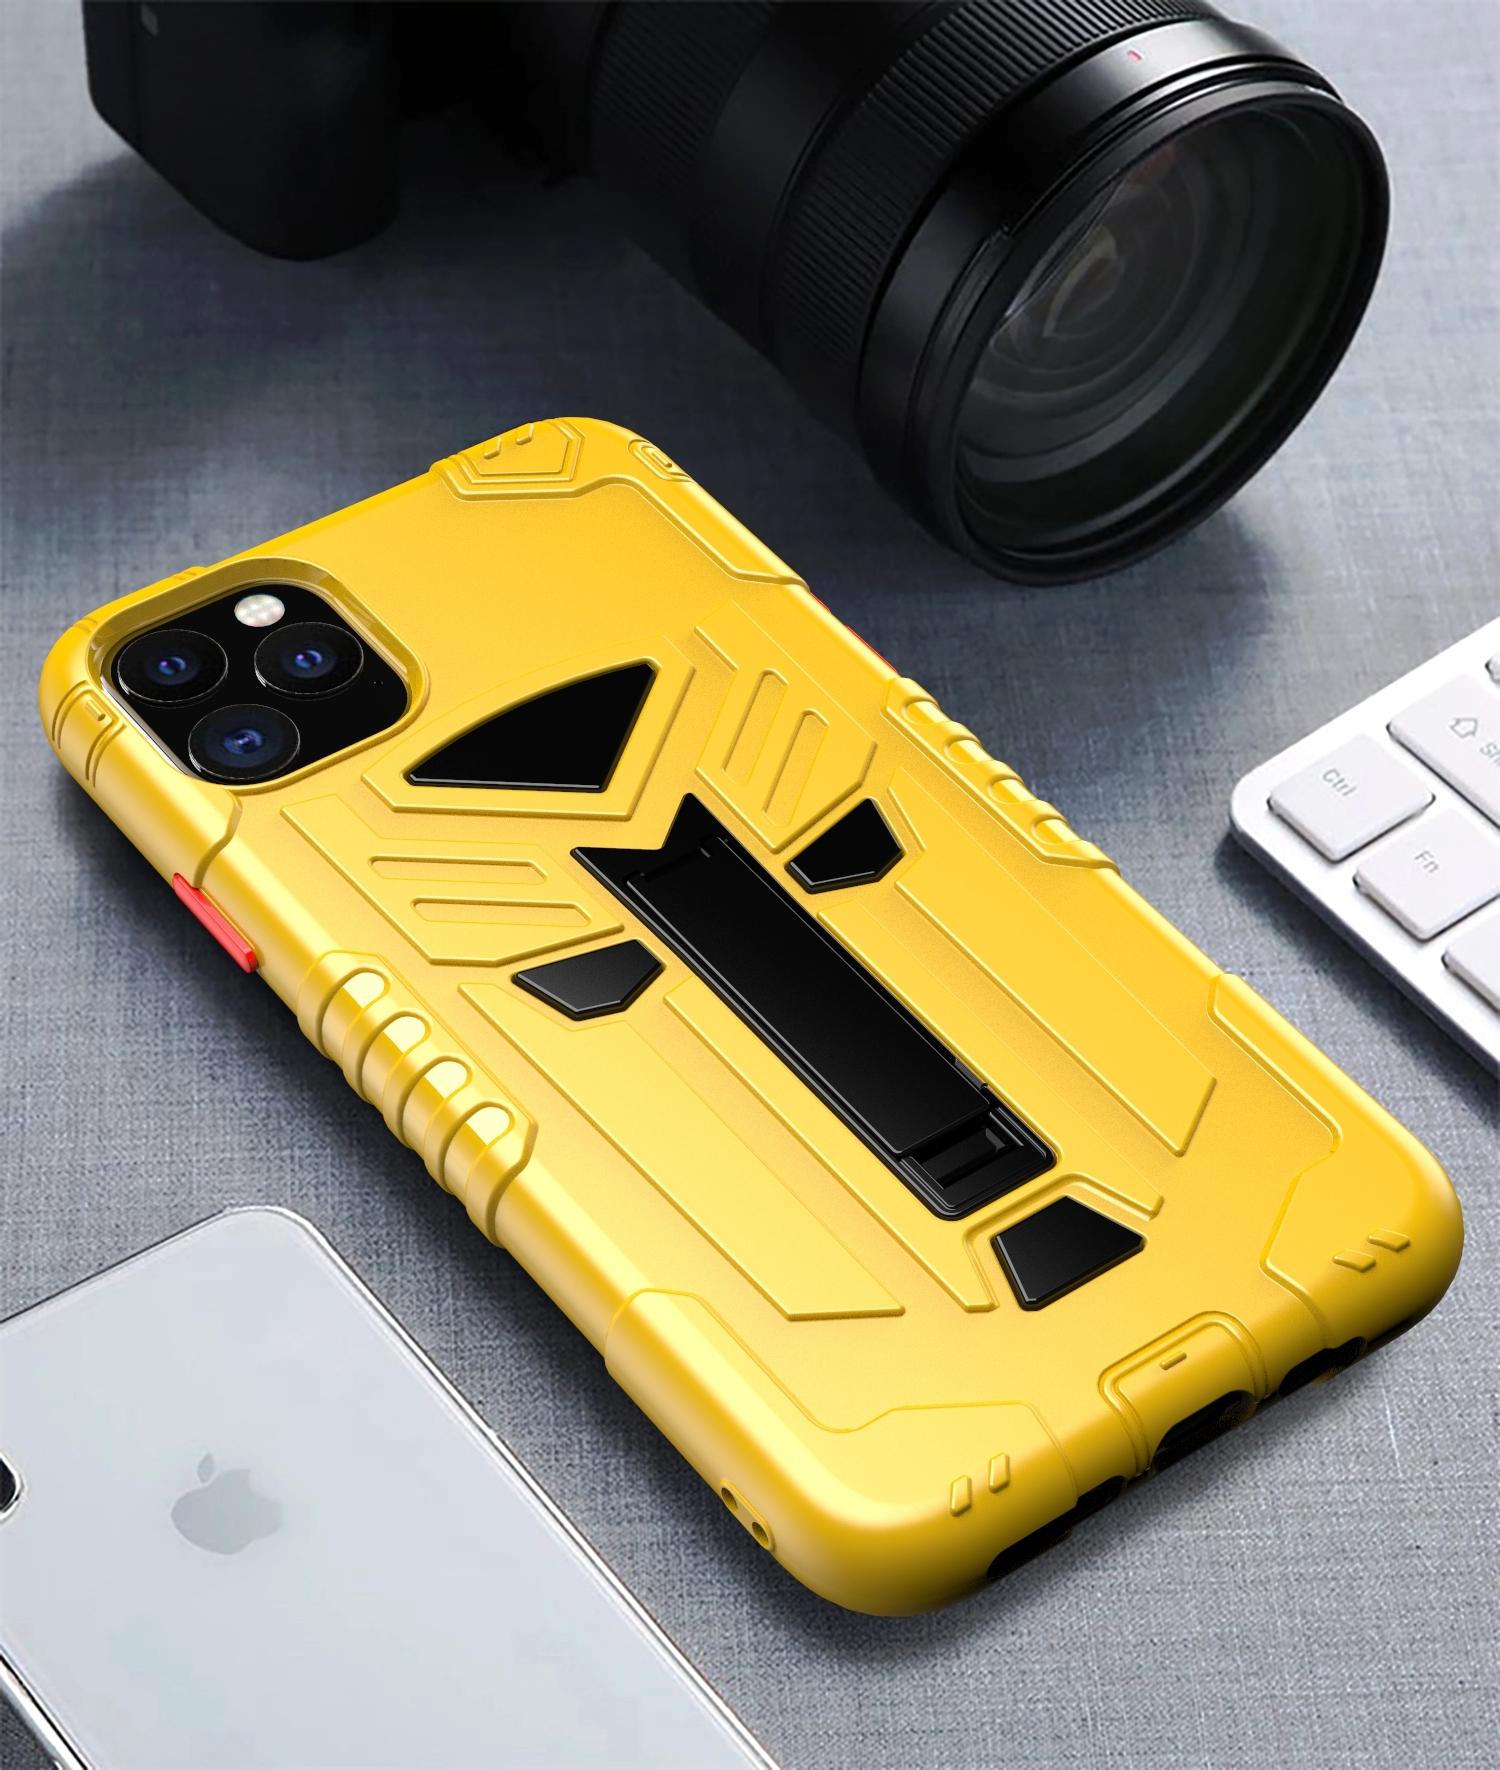 Чехол для iPhone 11 Pro серии Dual X с магнитом и складной подставкой, желтого цвета от Caseport